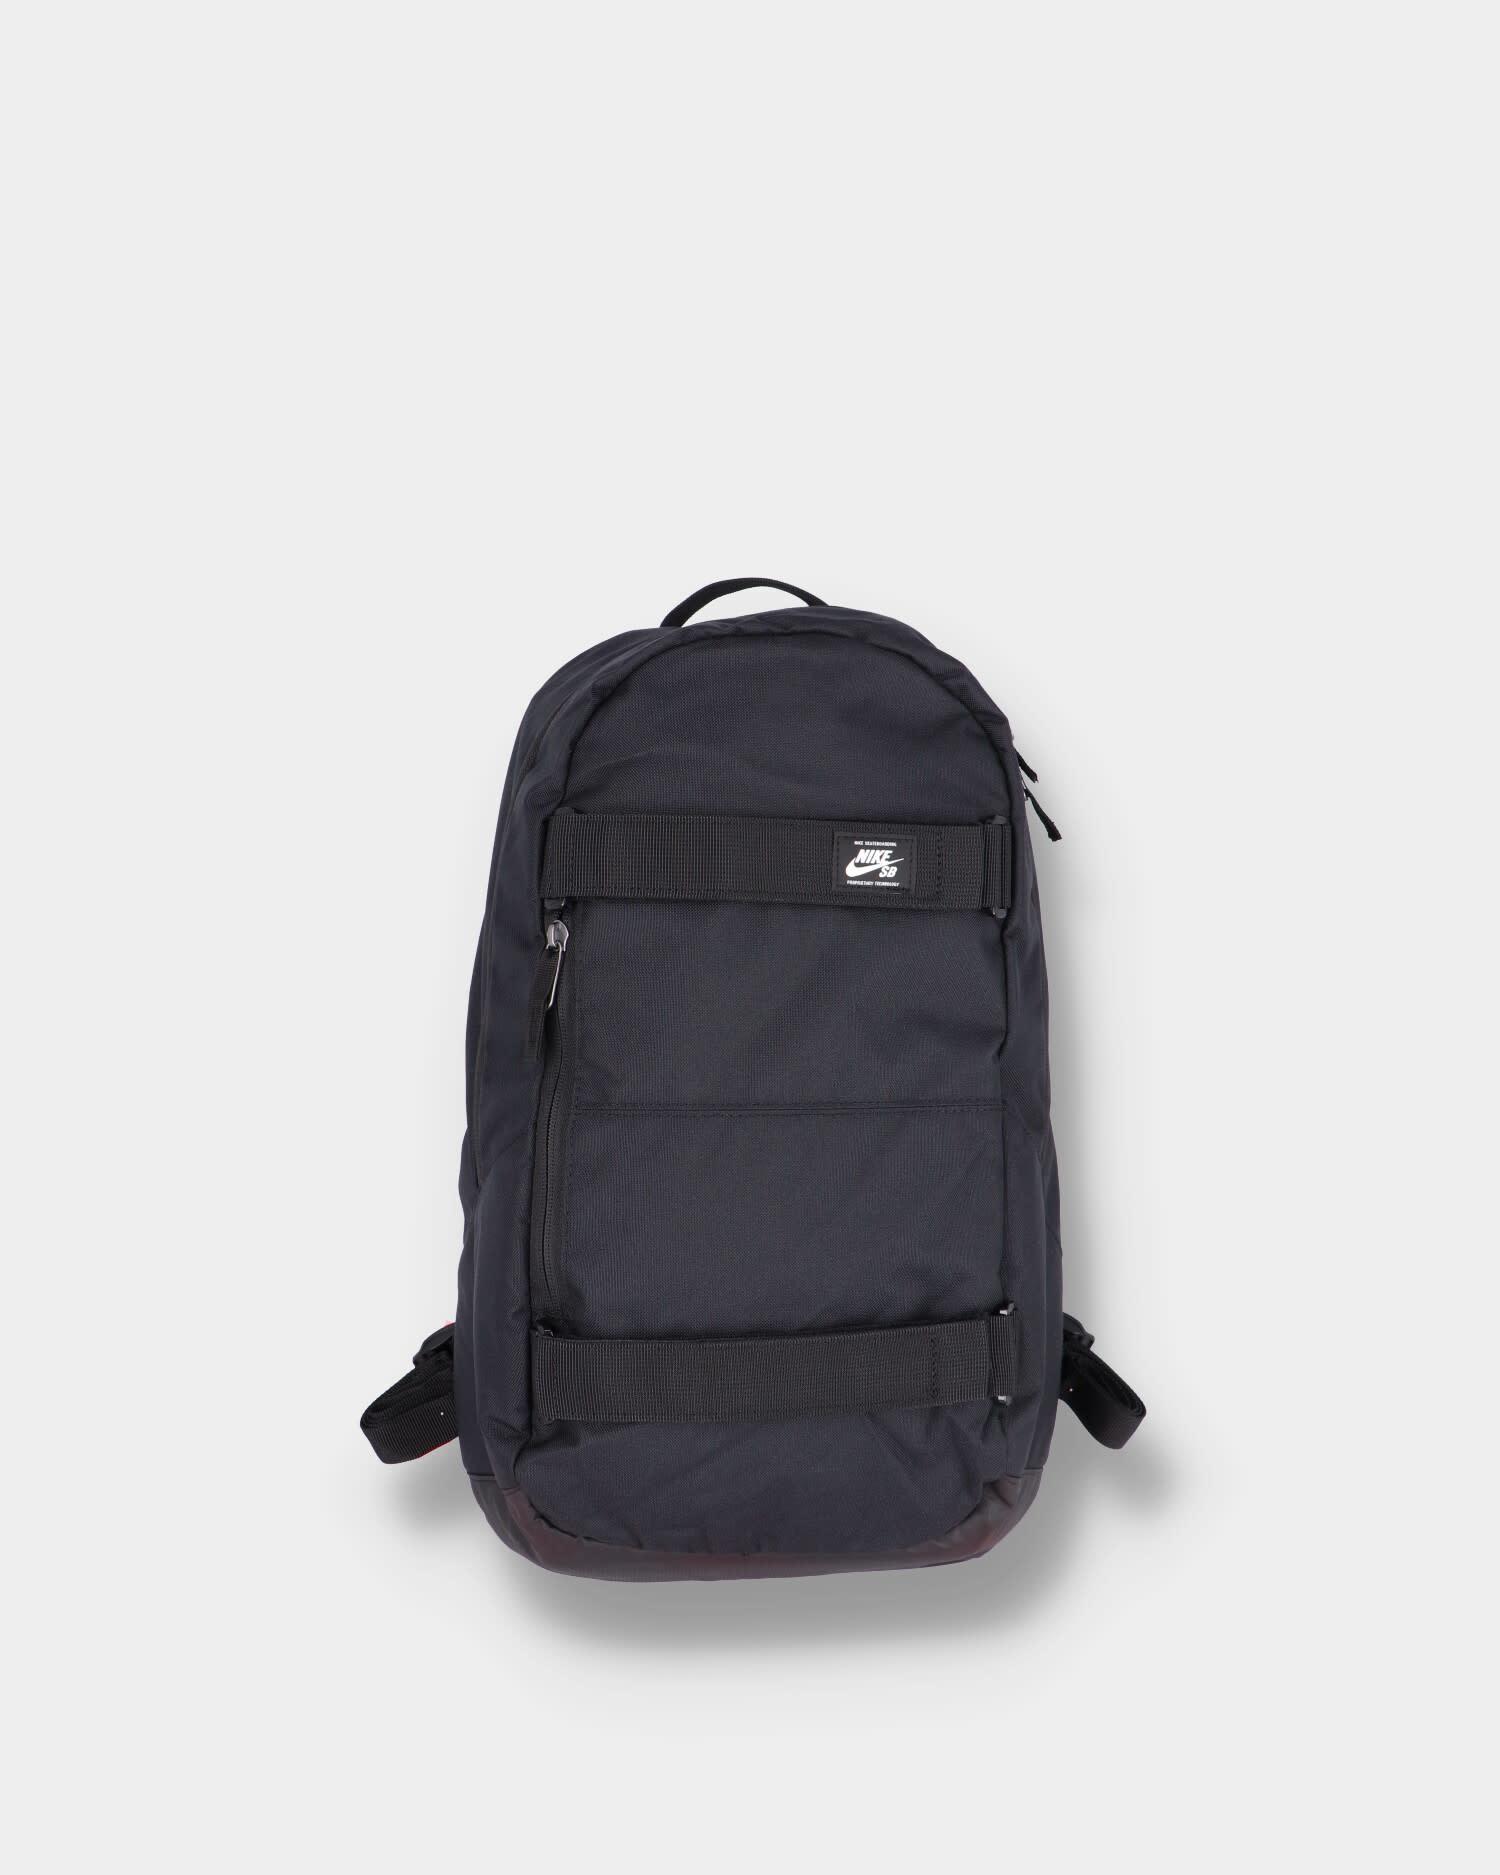 Nike SB Courthouse Backpack Black/Black/White OS